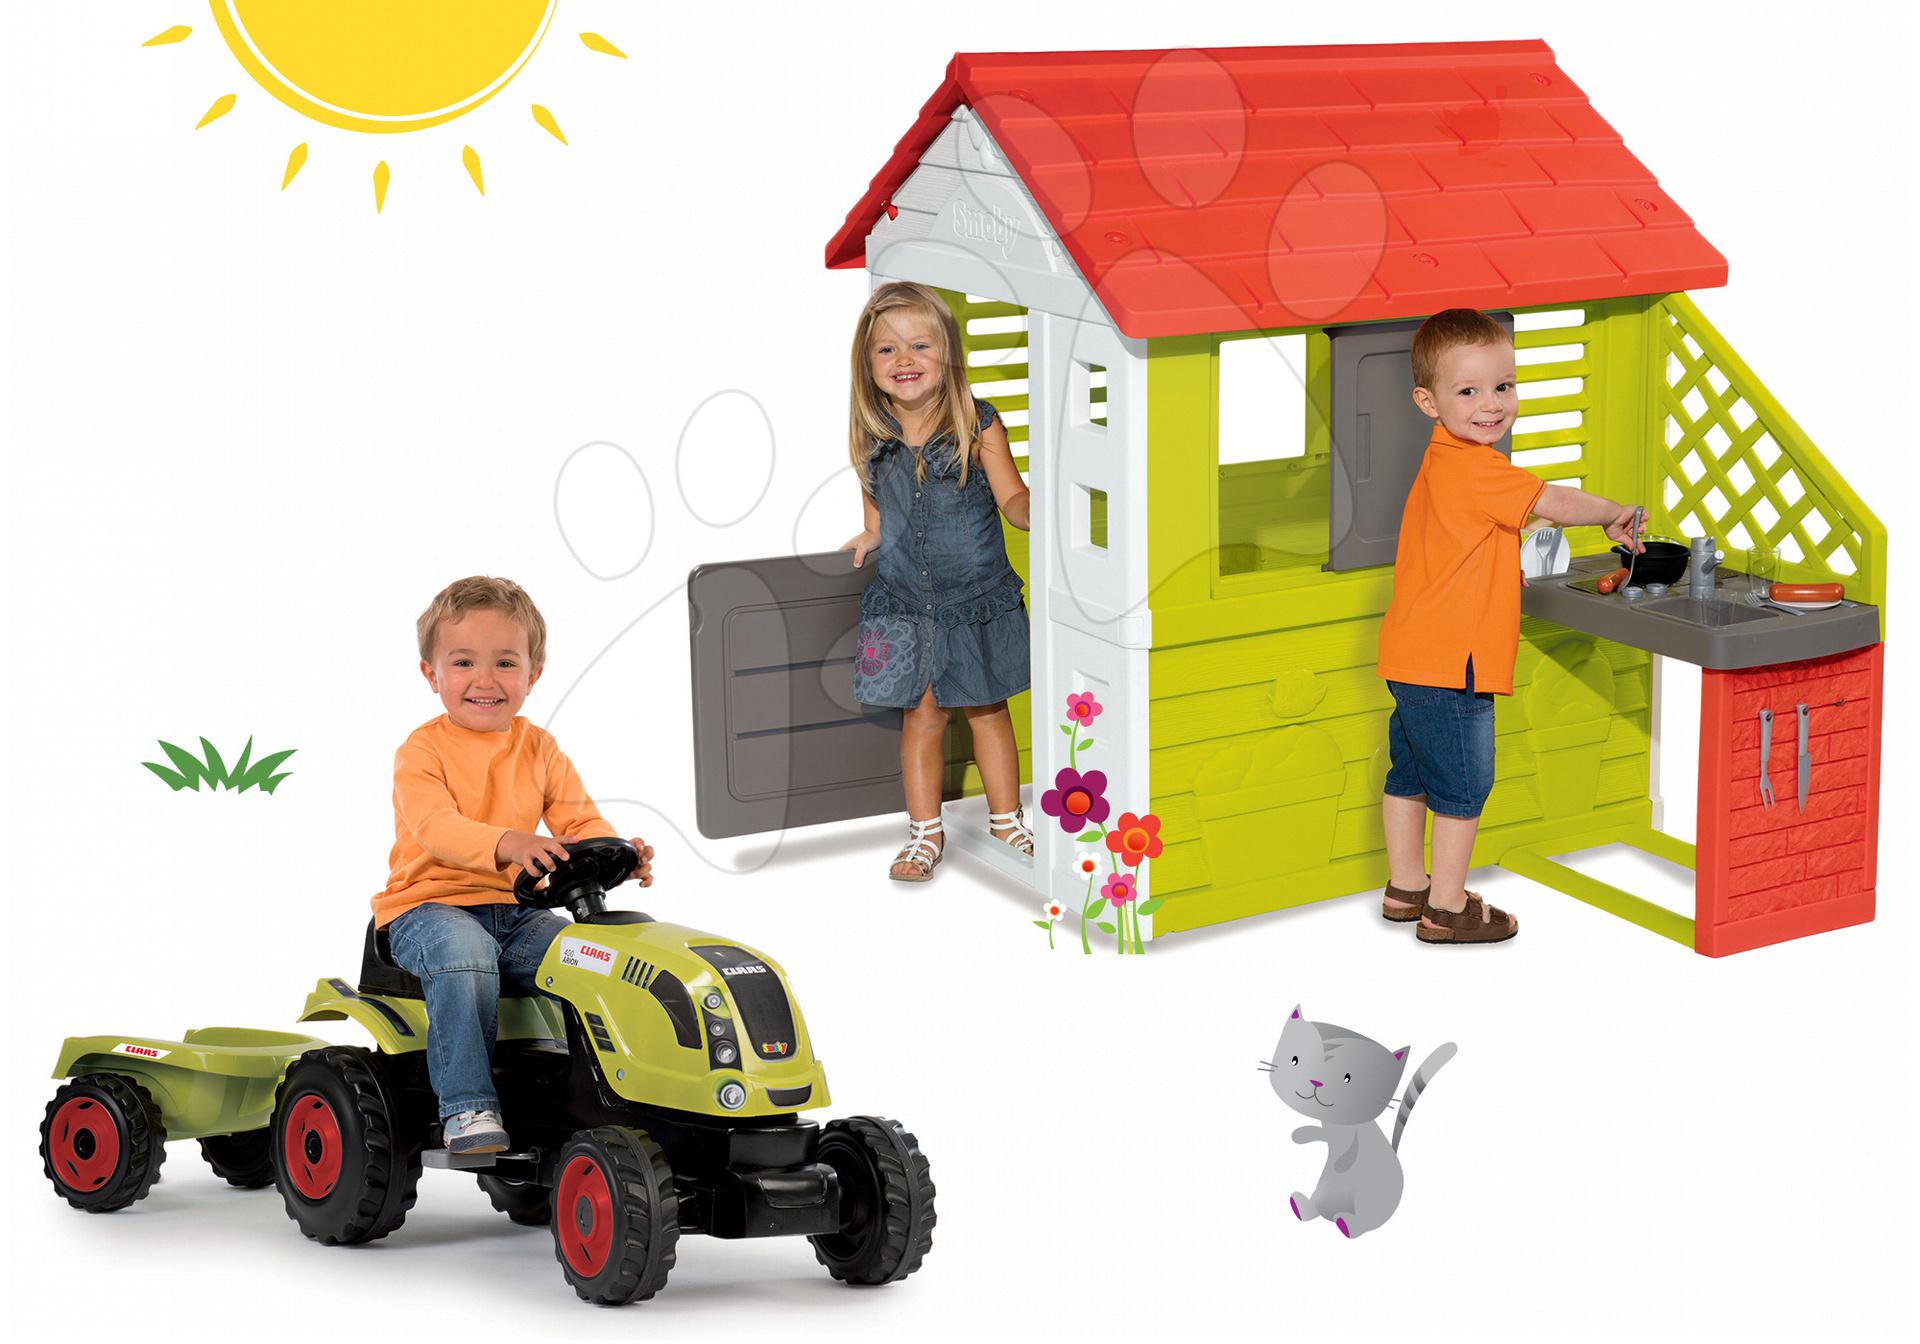 Set domeček Pretty Nature Smoby s letní kuchyňkou a traktor Claas GM s přívěsem od 24 měsíců